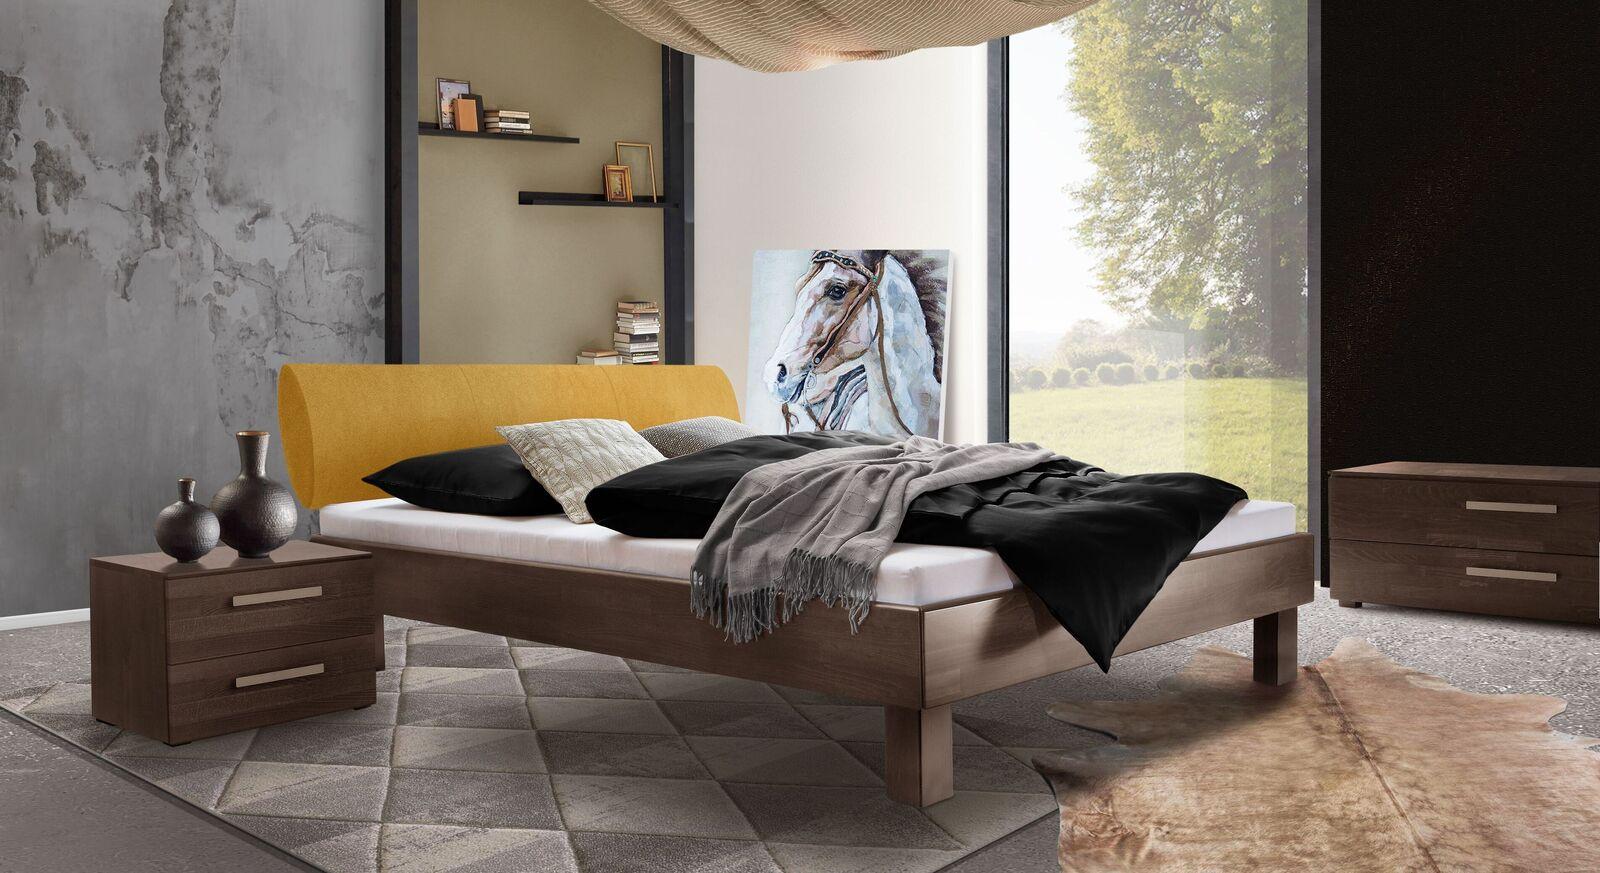 Bett Cannelino mit passenden Accessoires fürs Schlafzimmer